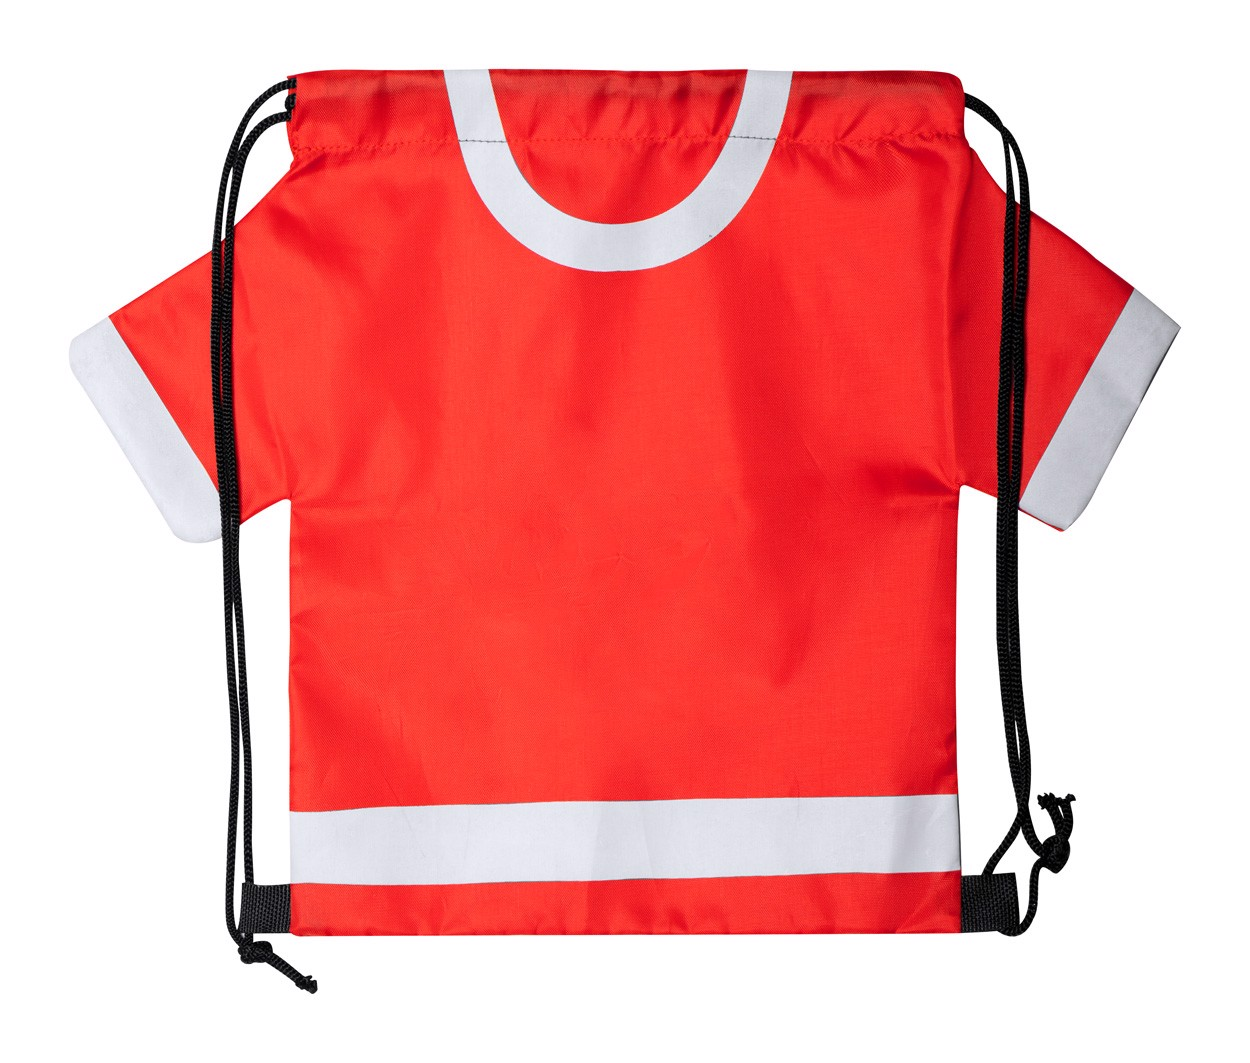 Drawstring Bag Paxer - Red / White